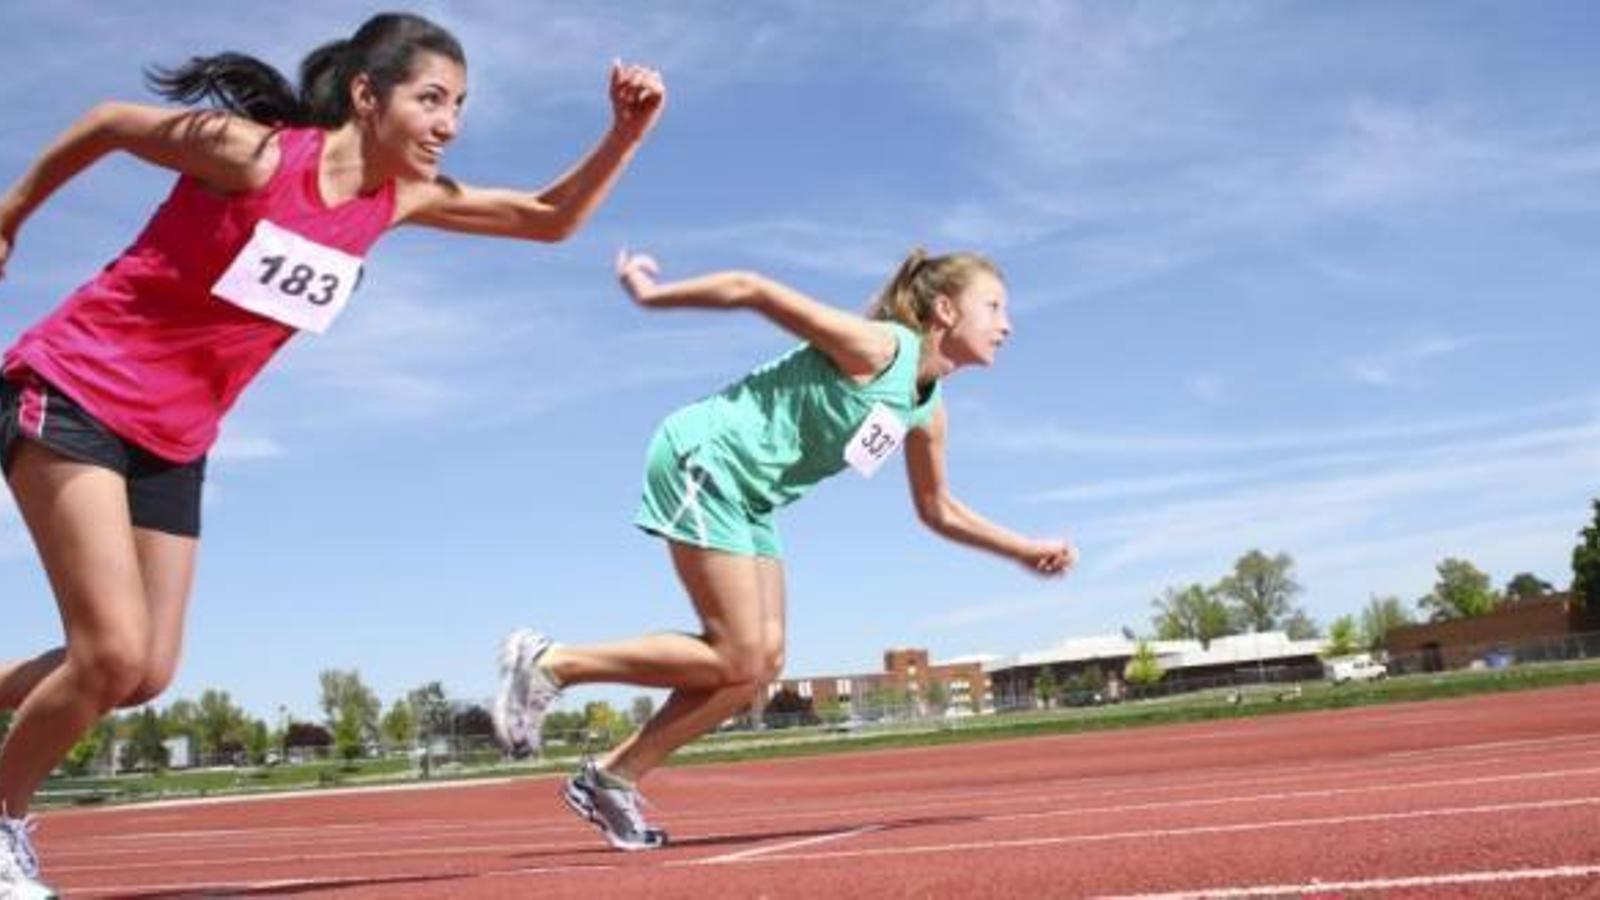 Les proves per accedir als cursos d'ensenyaments esportius seran al juny